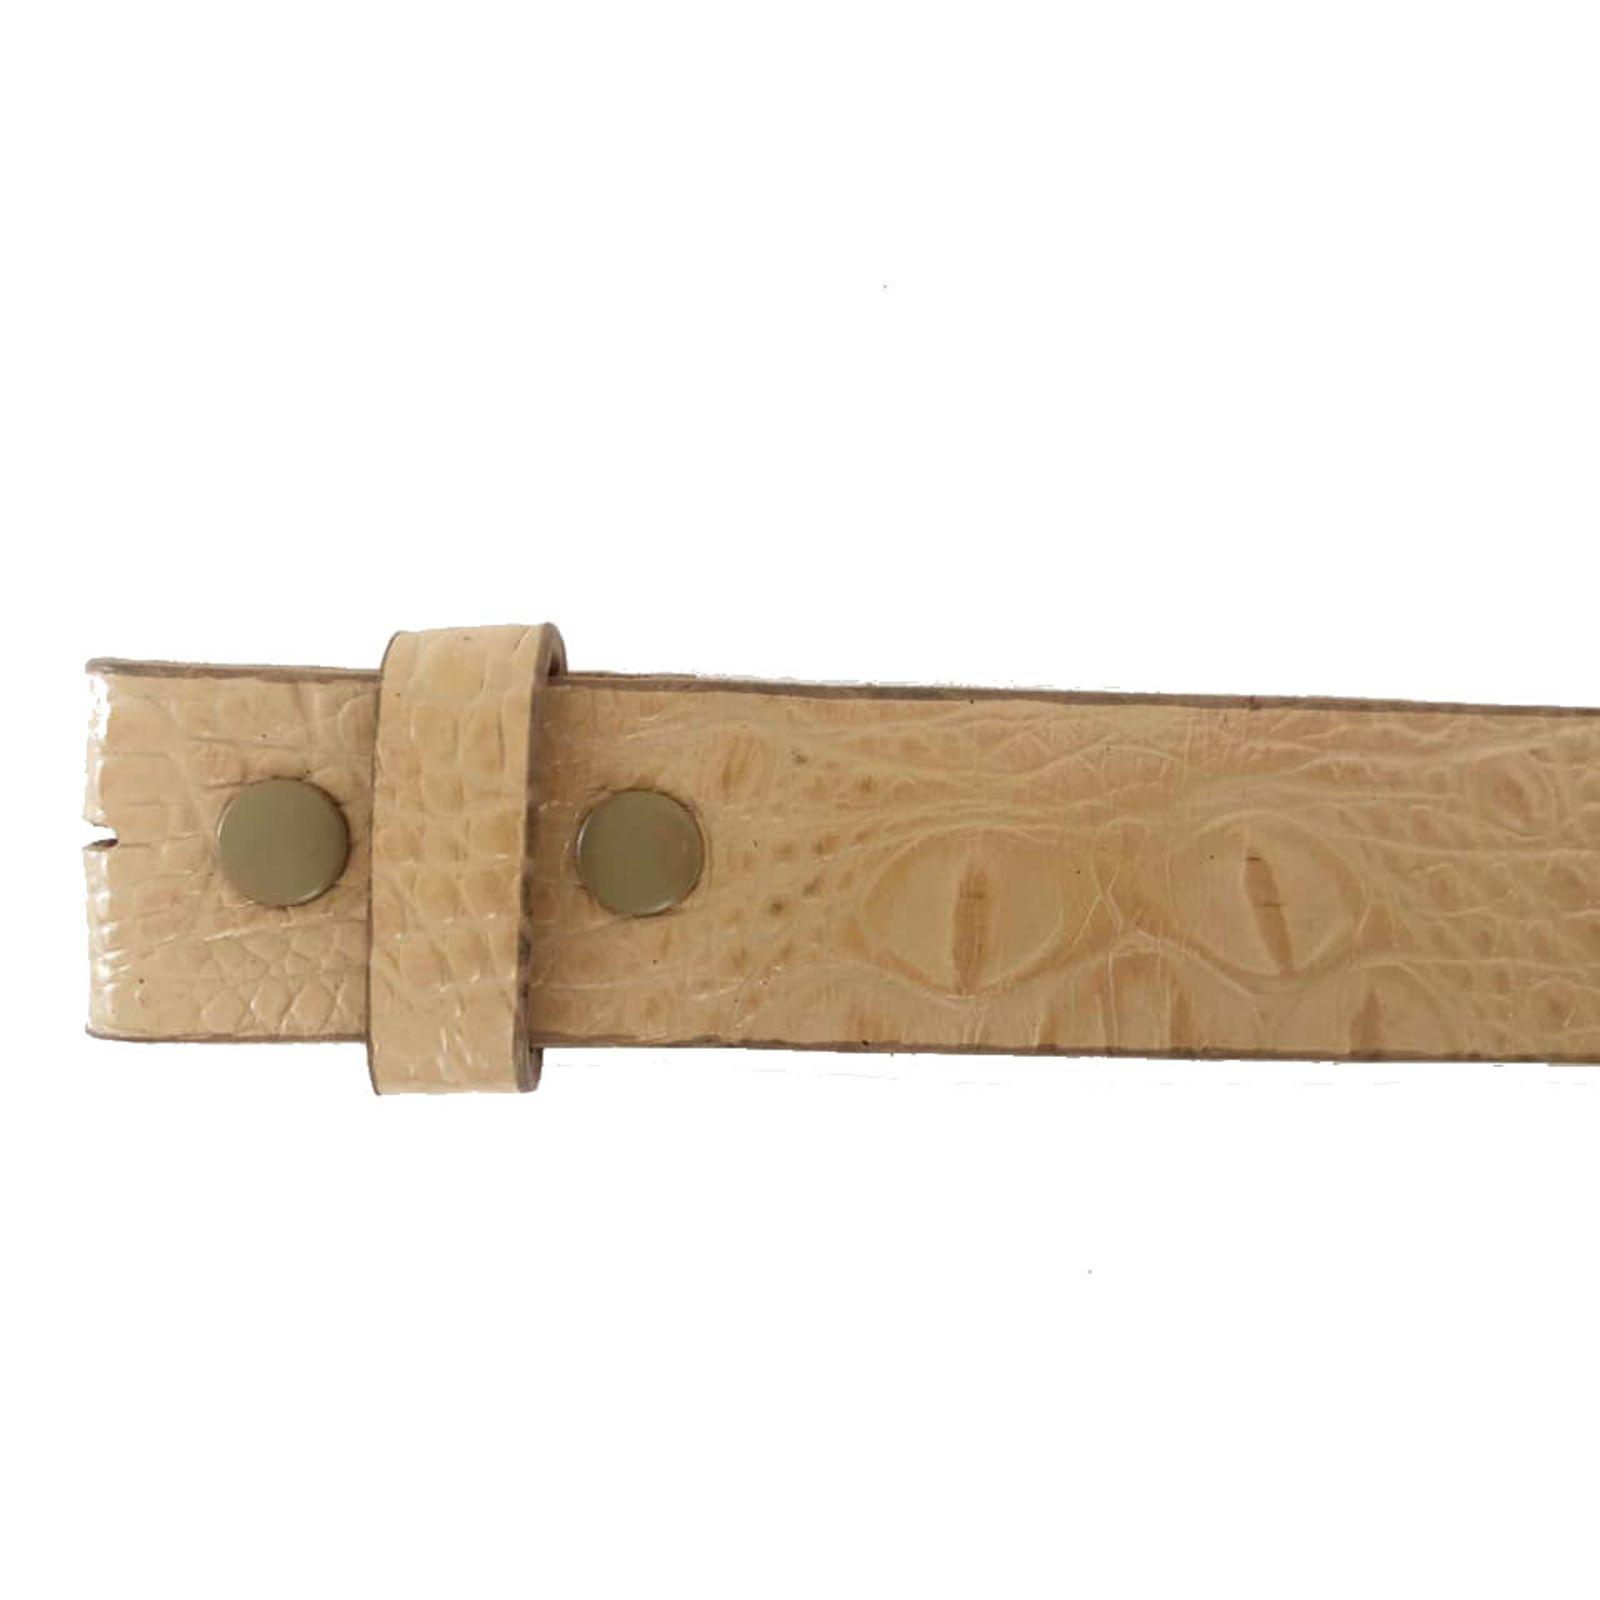 Tira para Cinto de Couro Croco Nude - 4cm - Cintos Exclusivos - Feminino